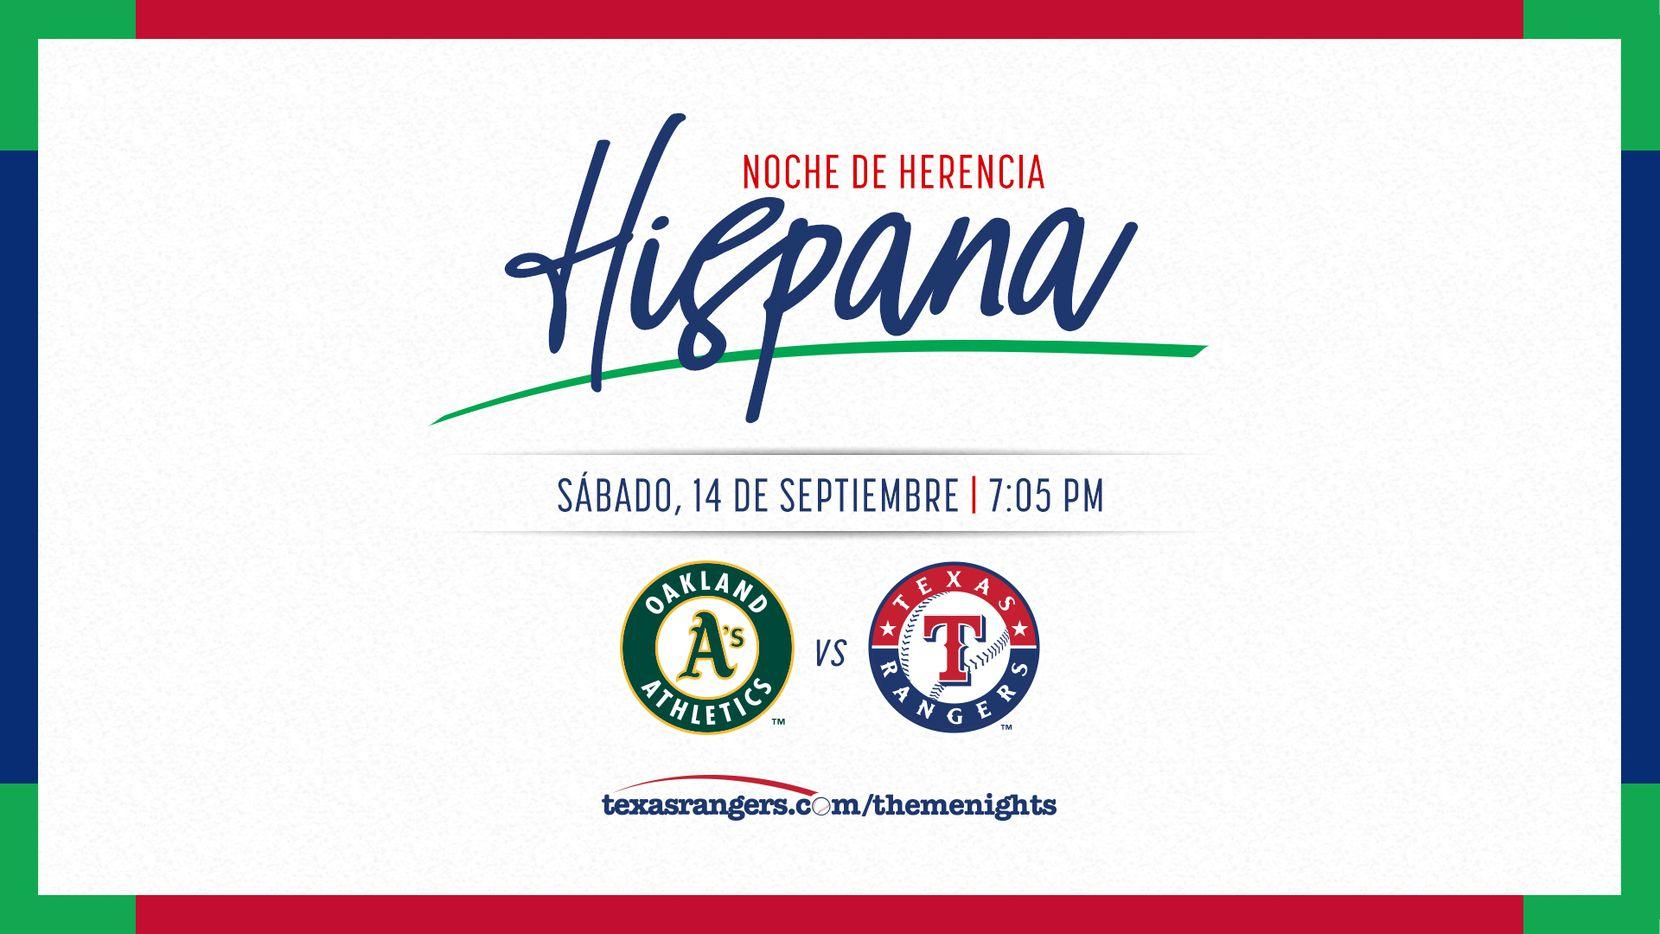 Hispanic Heritage Night de Texas Rangers es el sábado 14 de septiembre